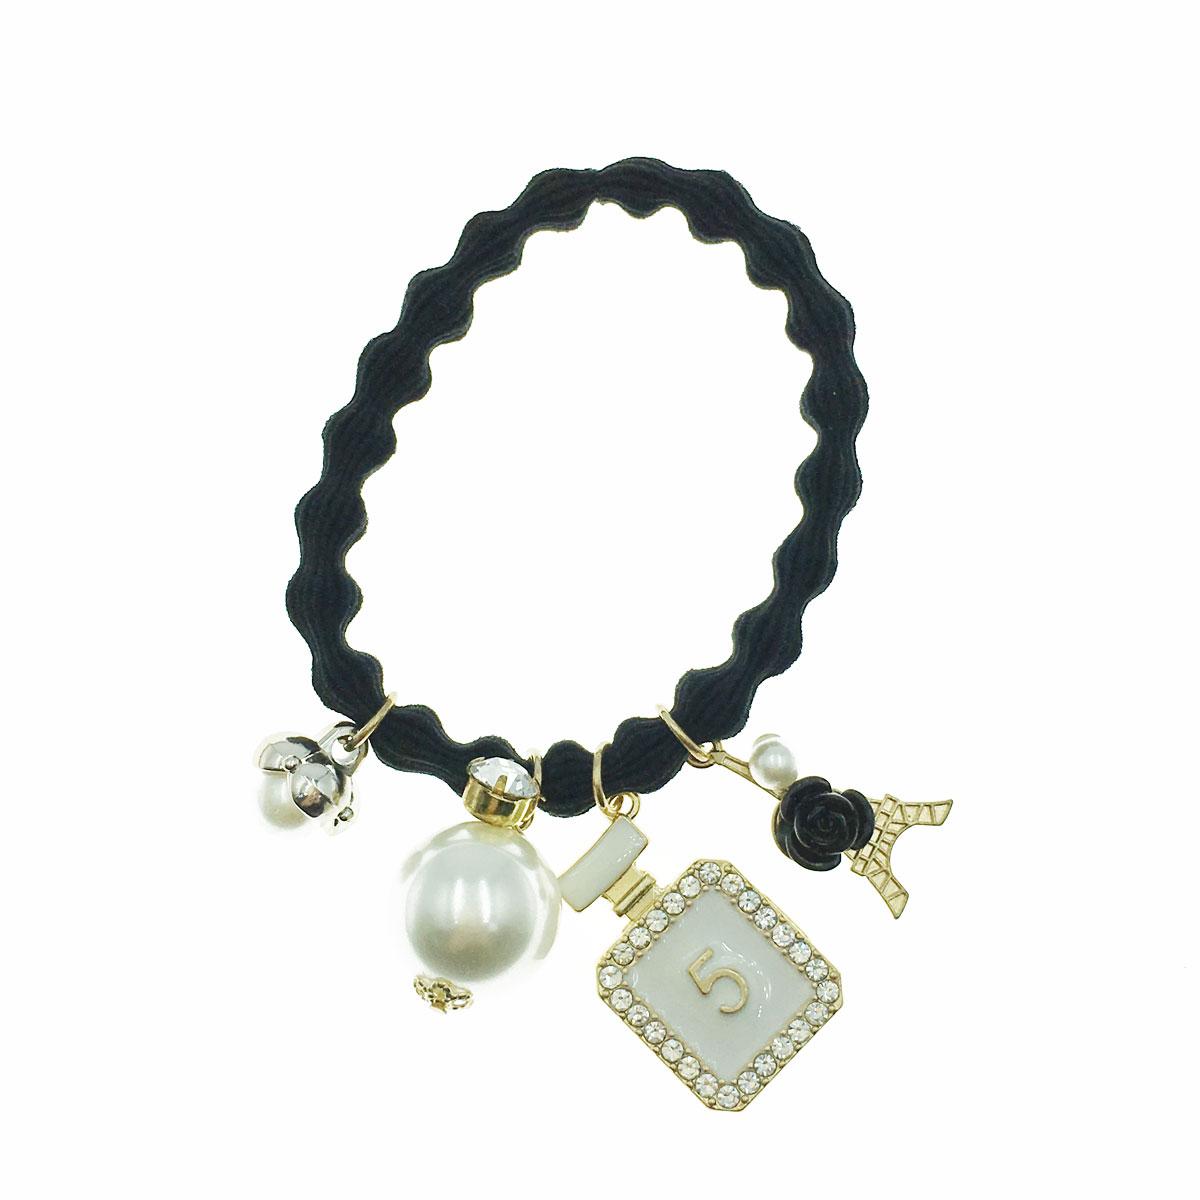 韓國 愛麗絲 水鑽 珍珠 小香風  香水5 鐵塔 花朵 髮束 髮圈 髮飾